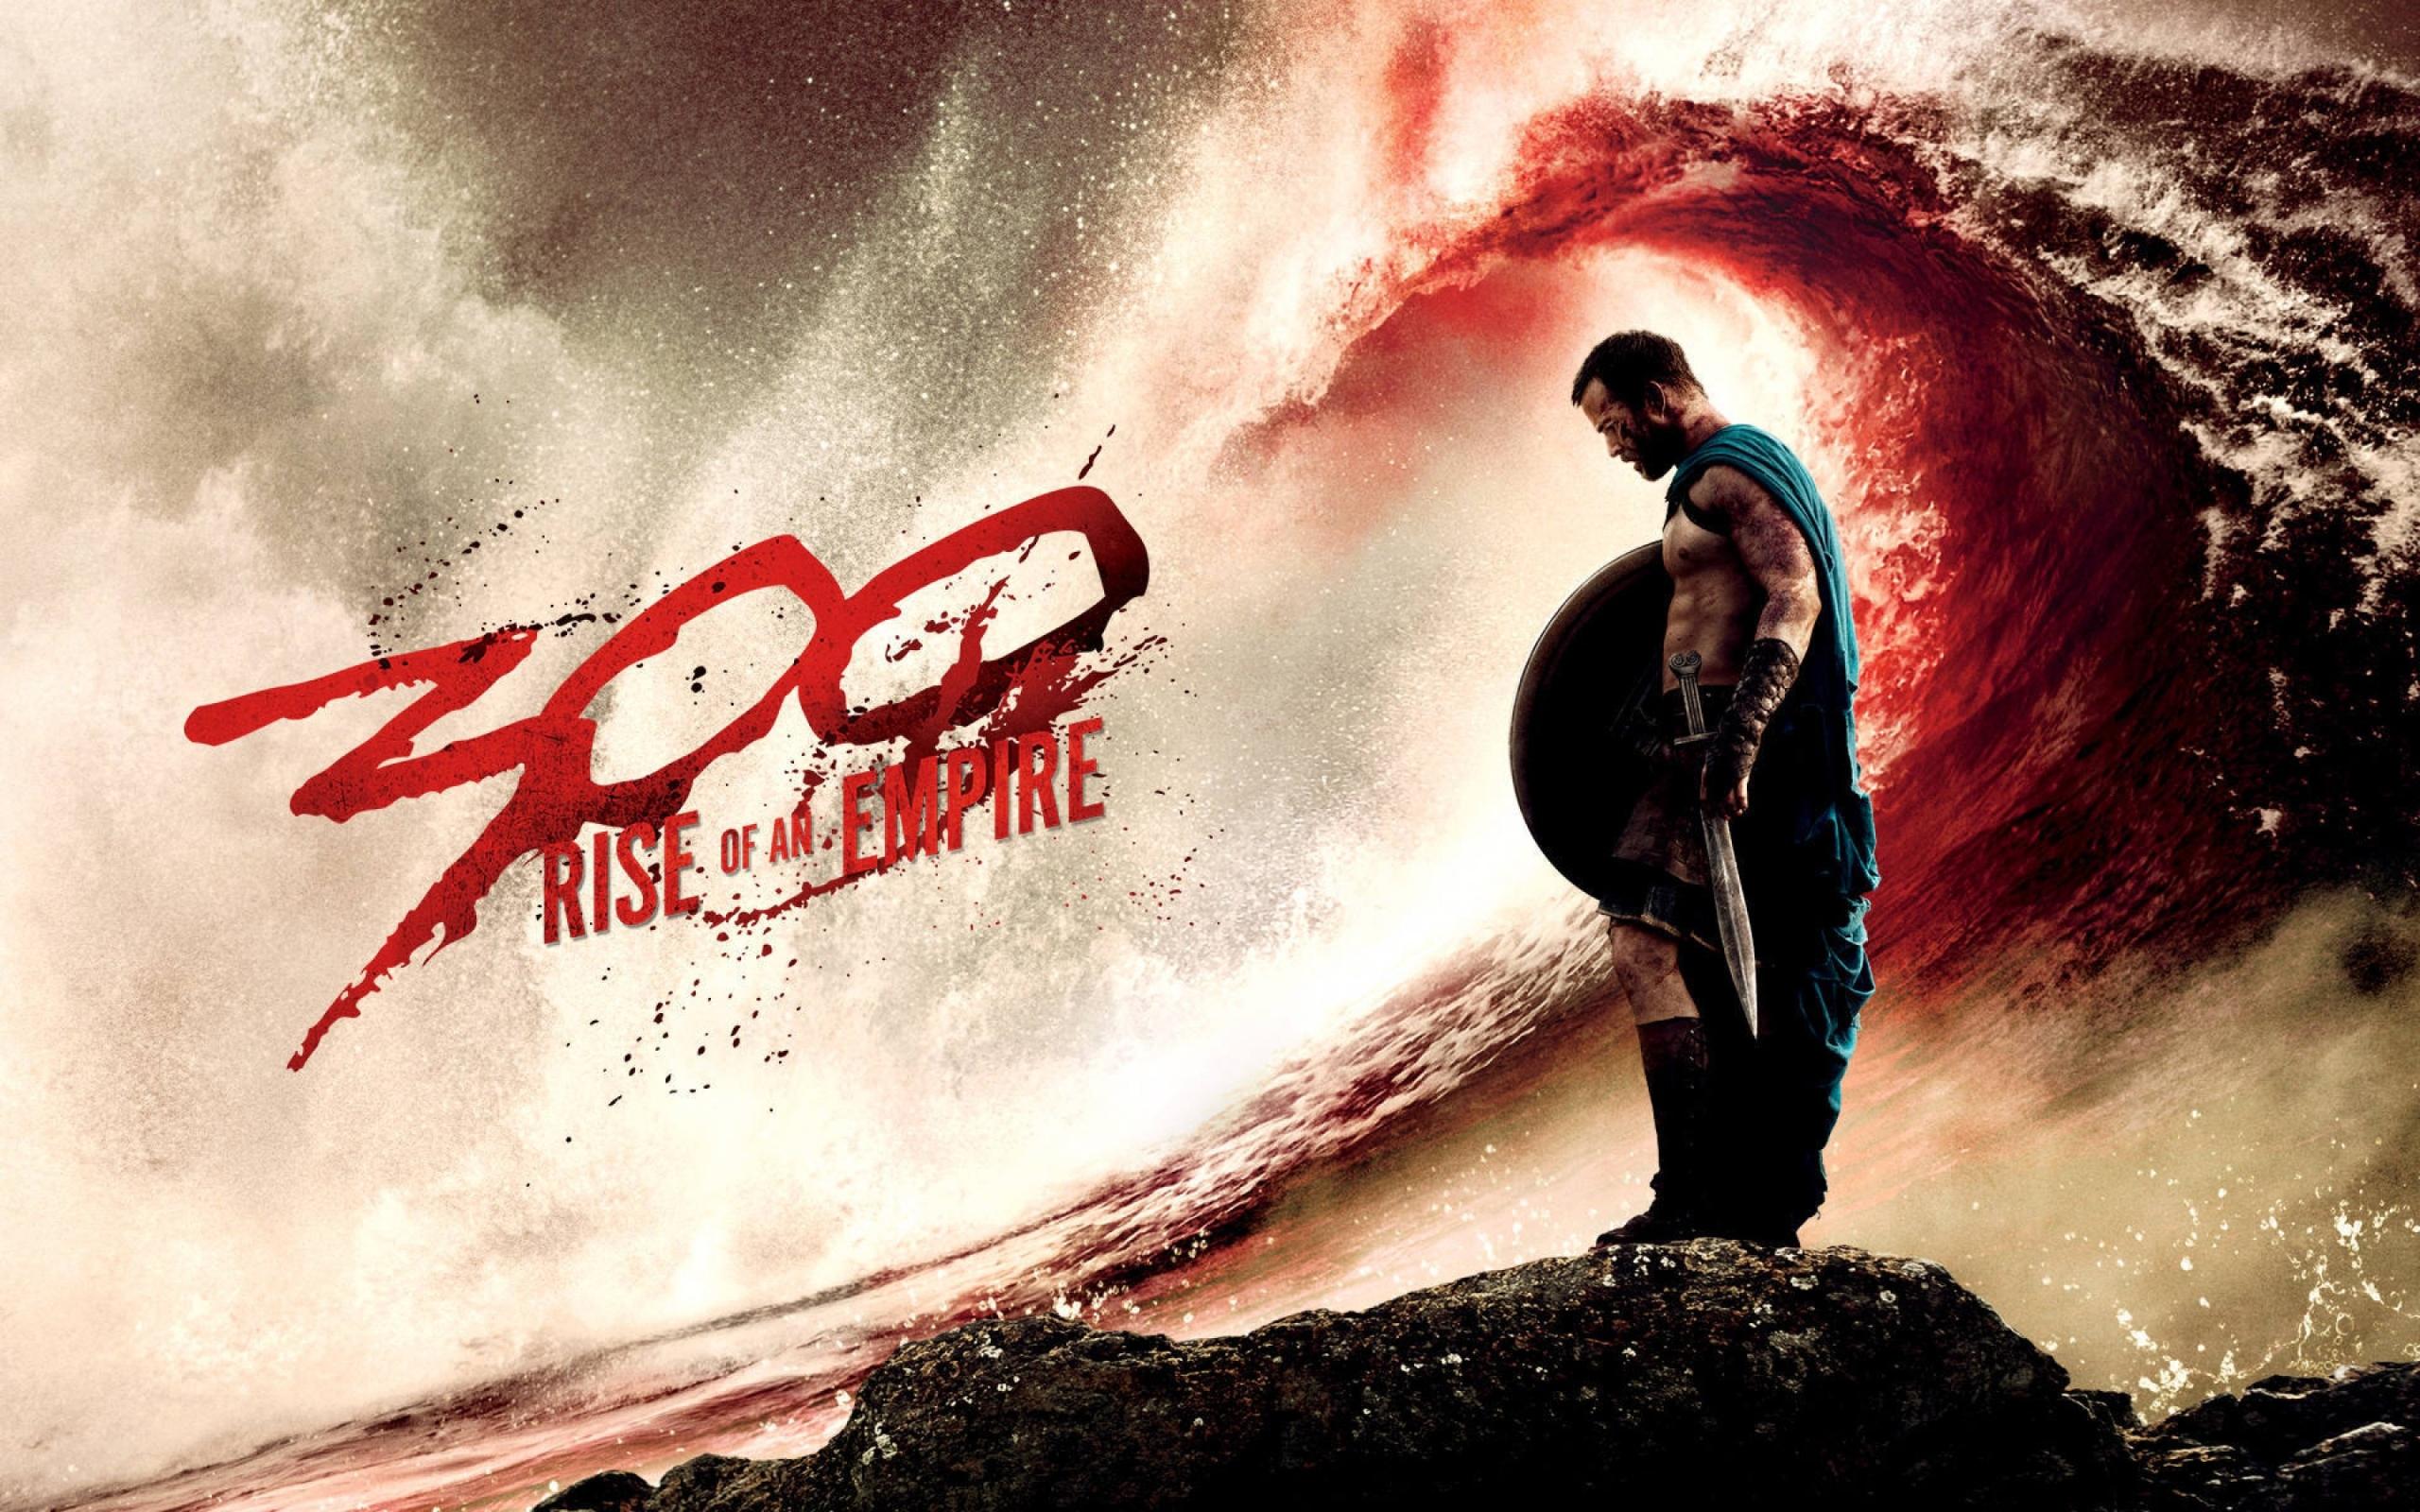 300 спартанцев расцвет империи скачать | скачать топ 10 фильмов 2014.